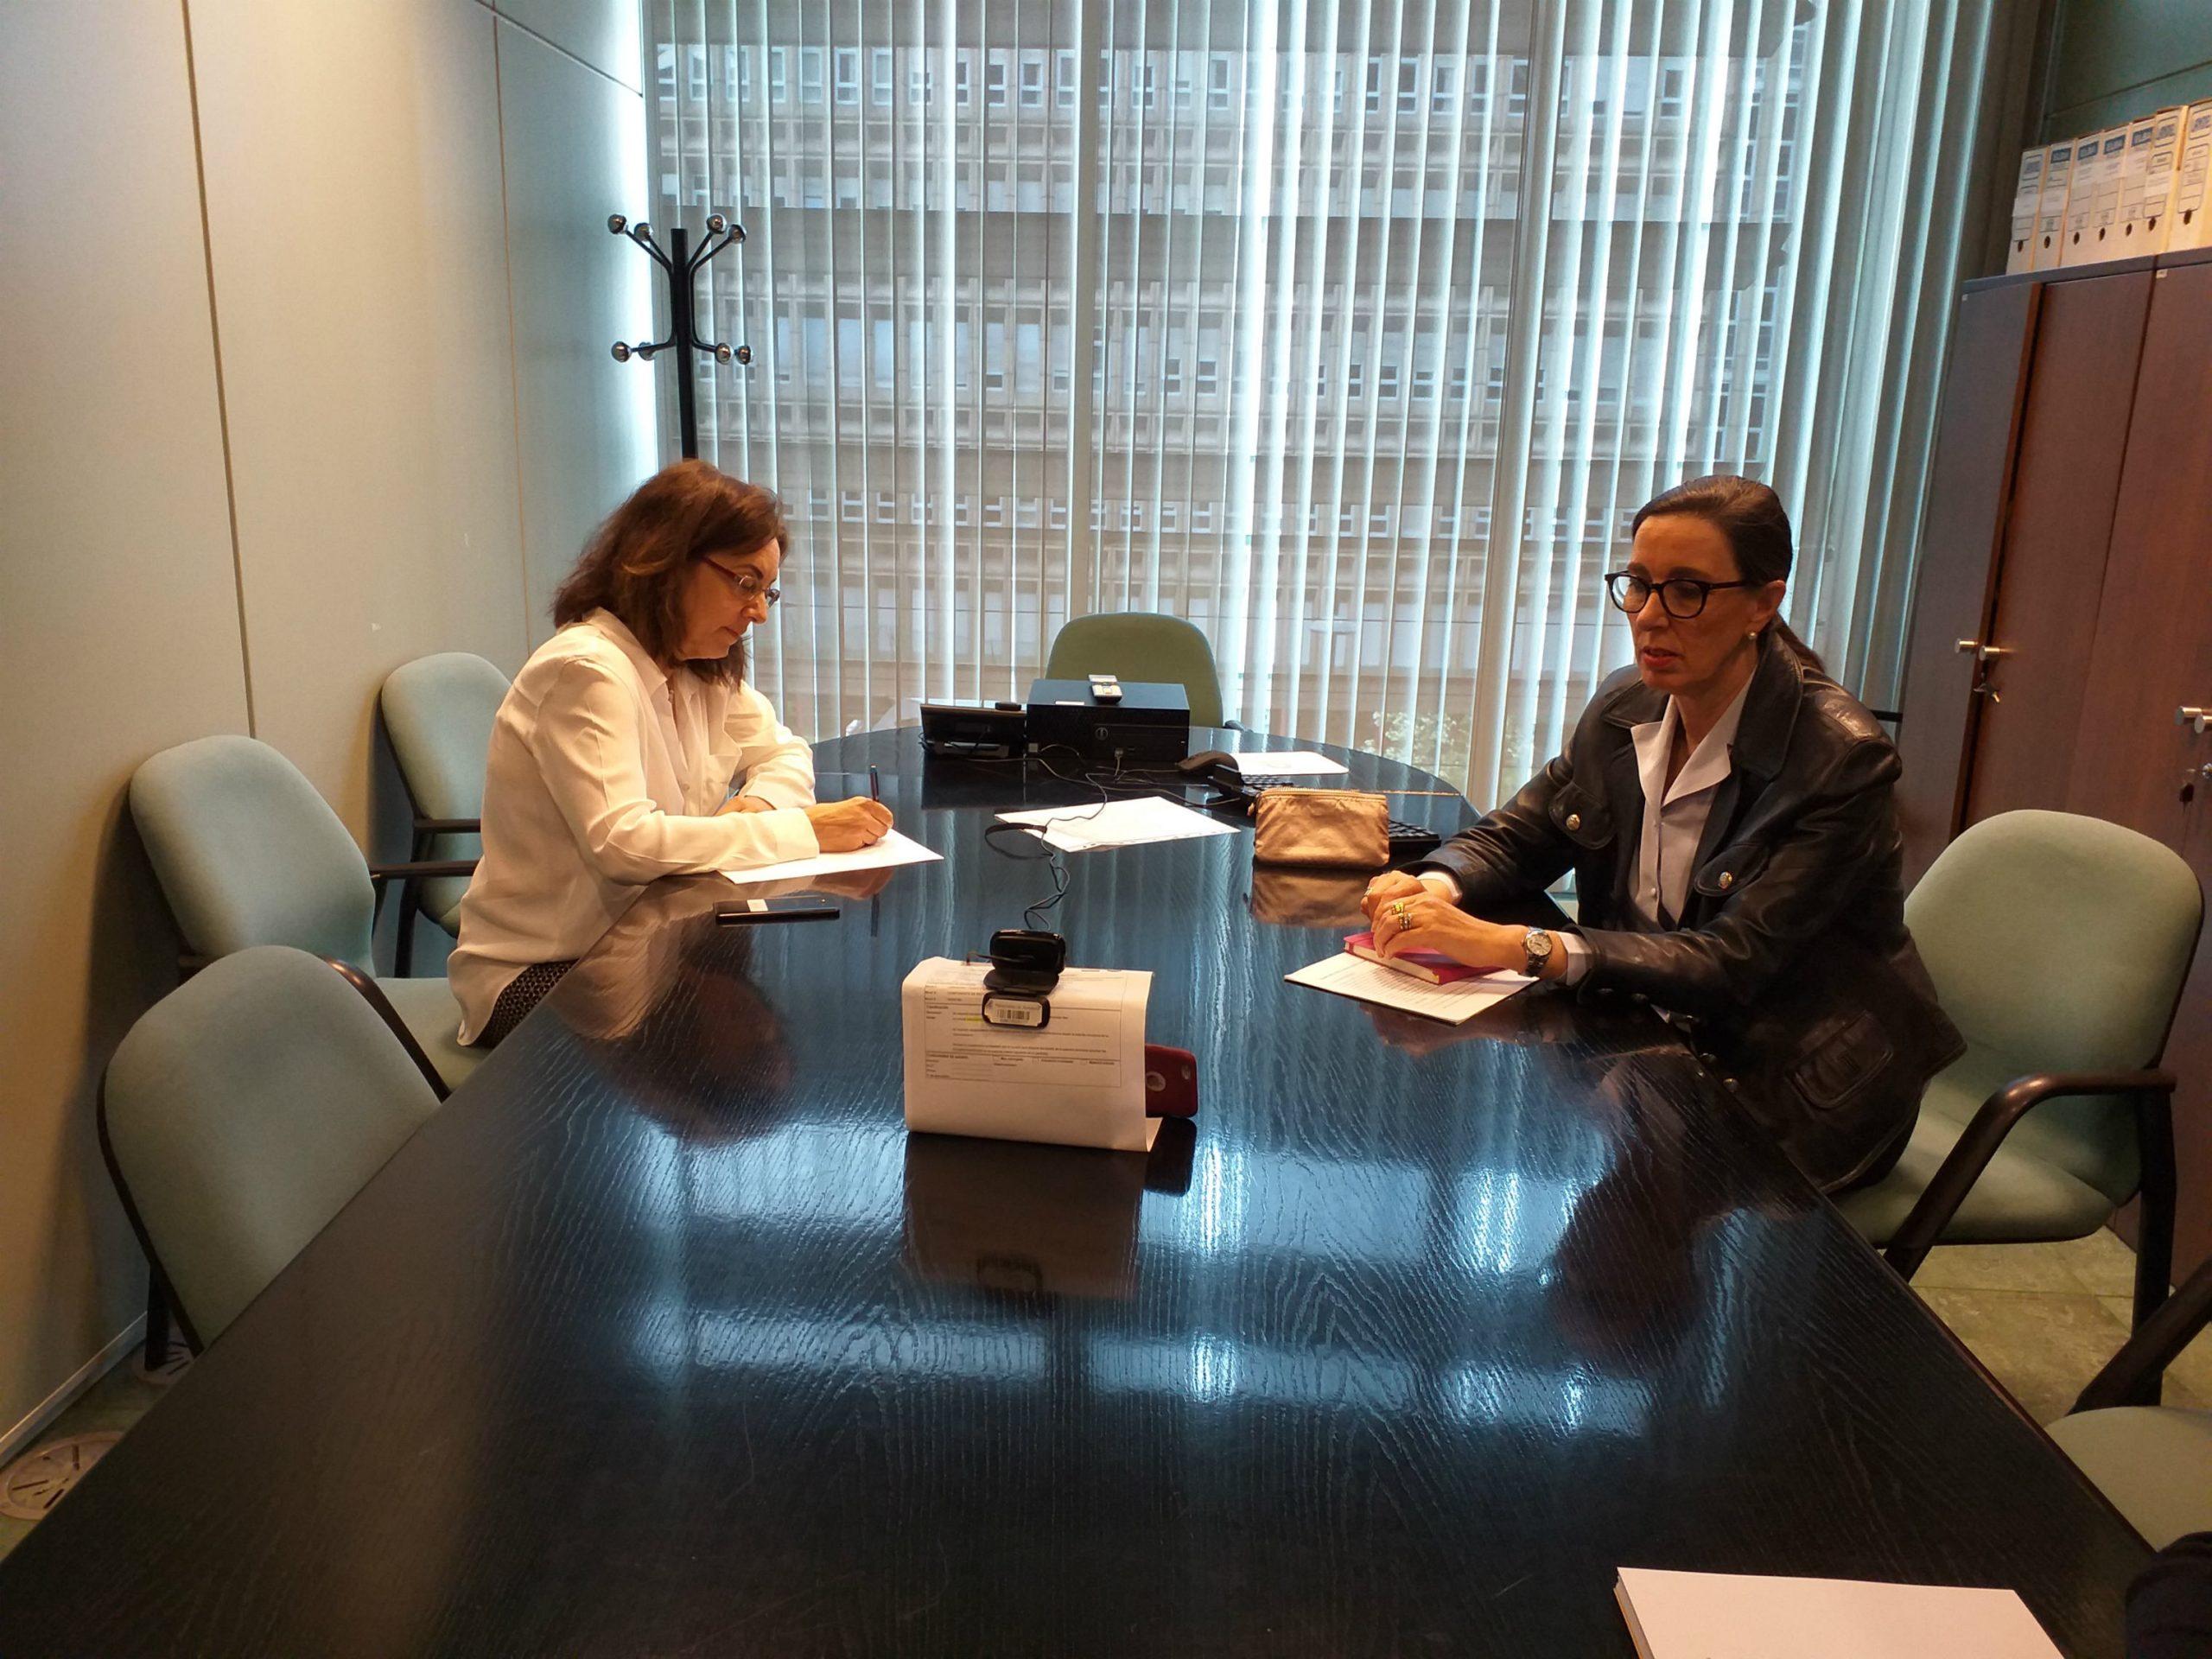 La viceconsejera de Medio Ambiente y Cambio Climático, Nieves Roqueñí, ha participado en una reunión telemática del Grupo de Adaptación al Cambio Climático